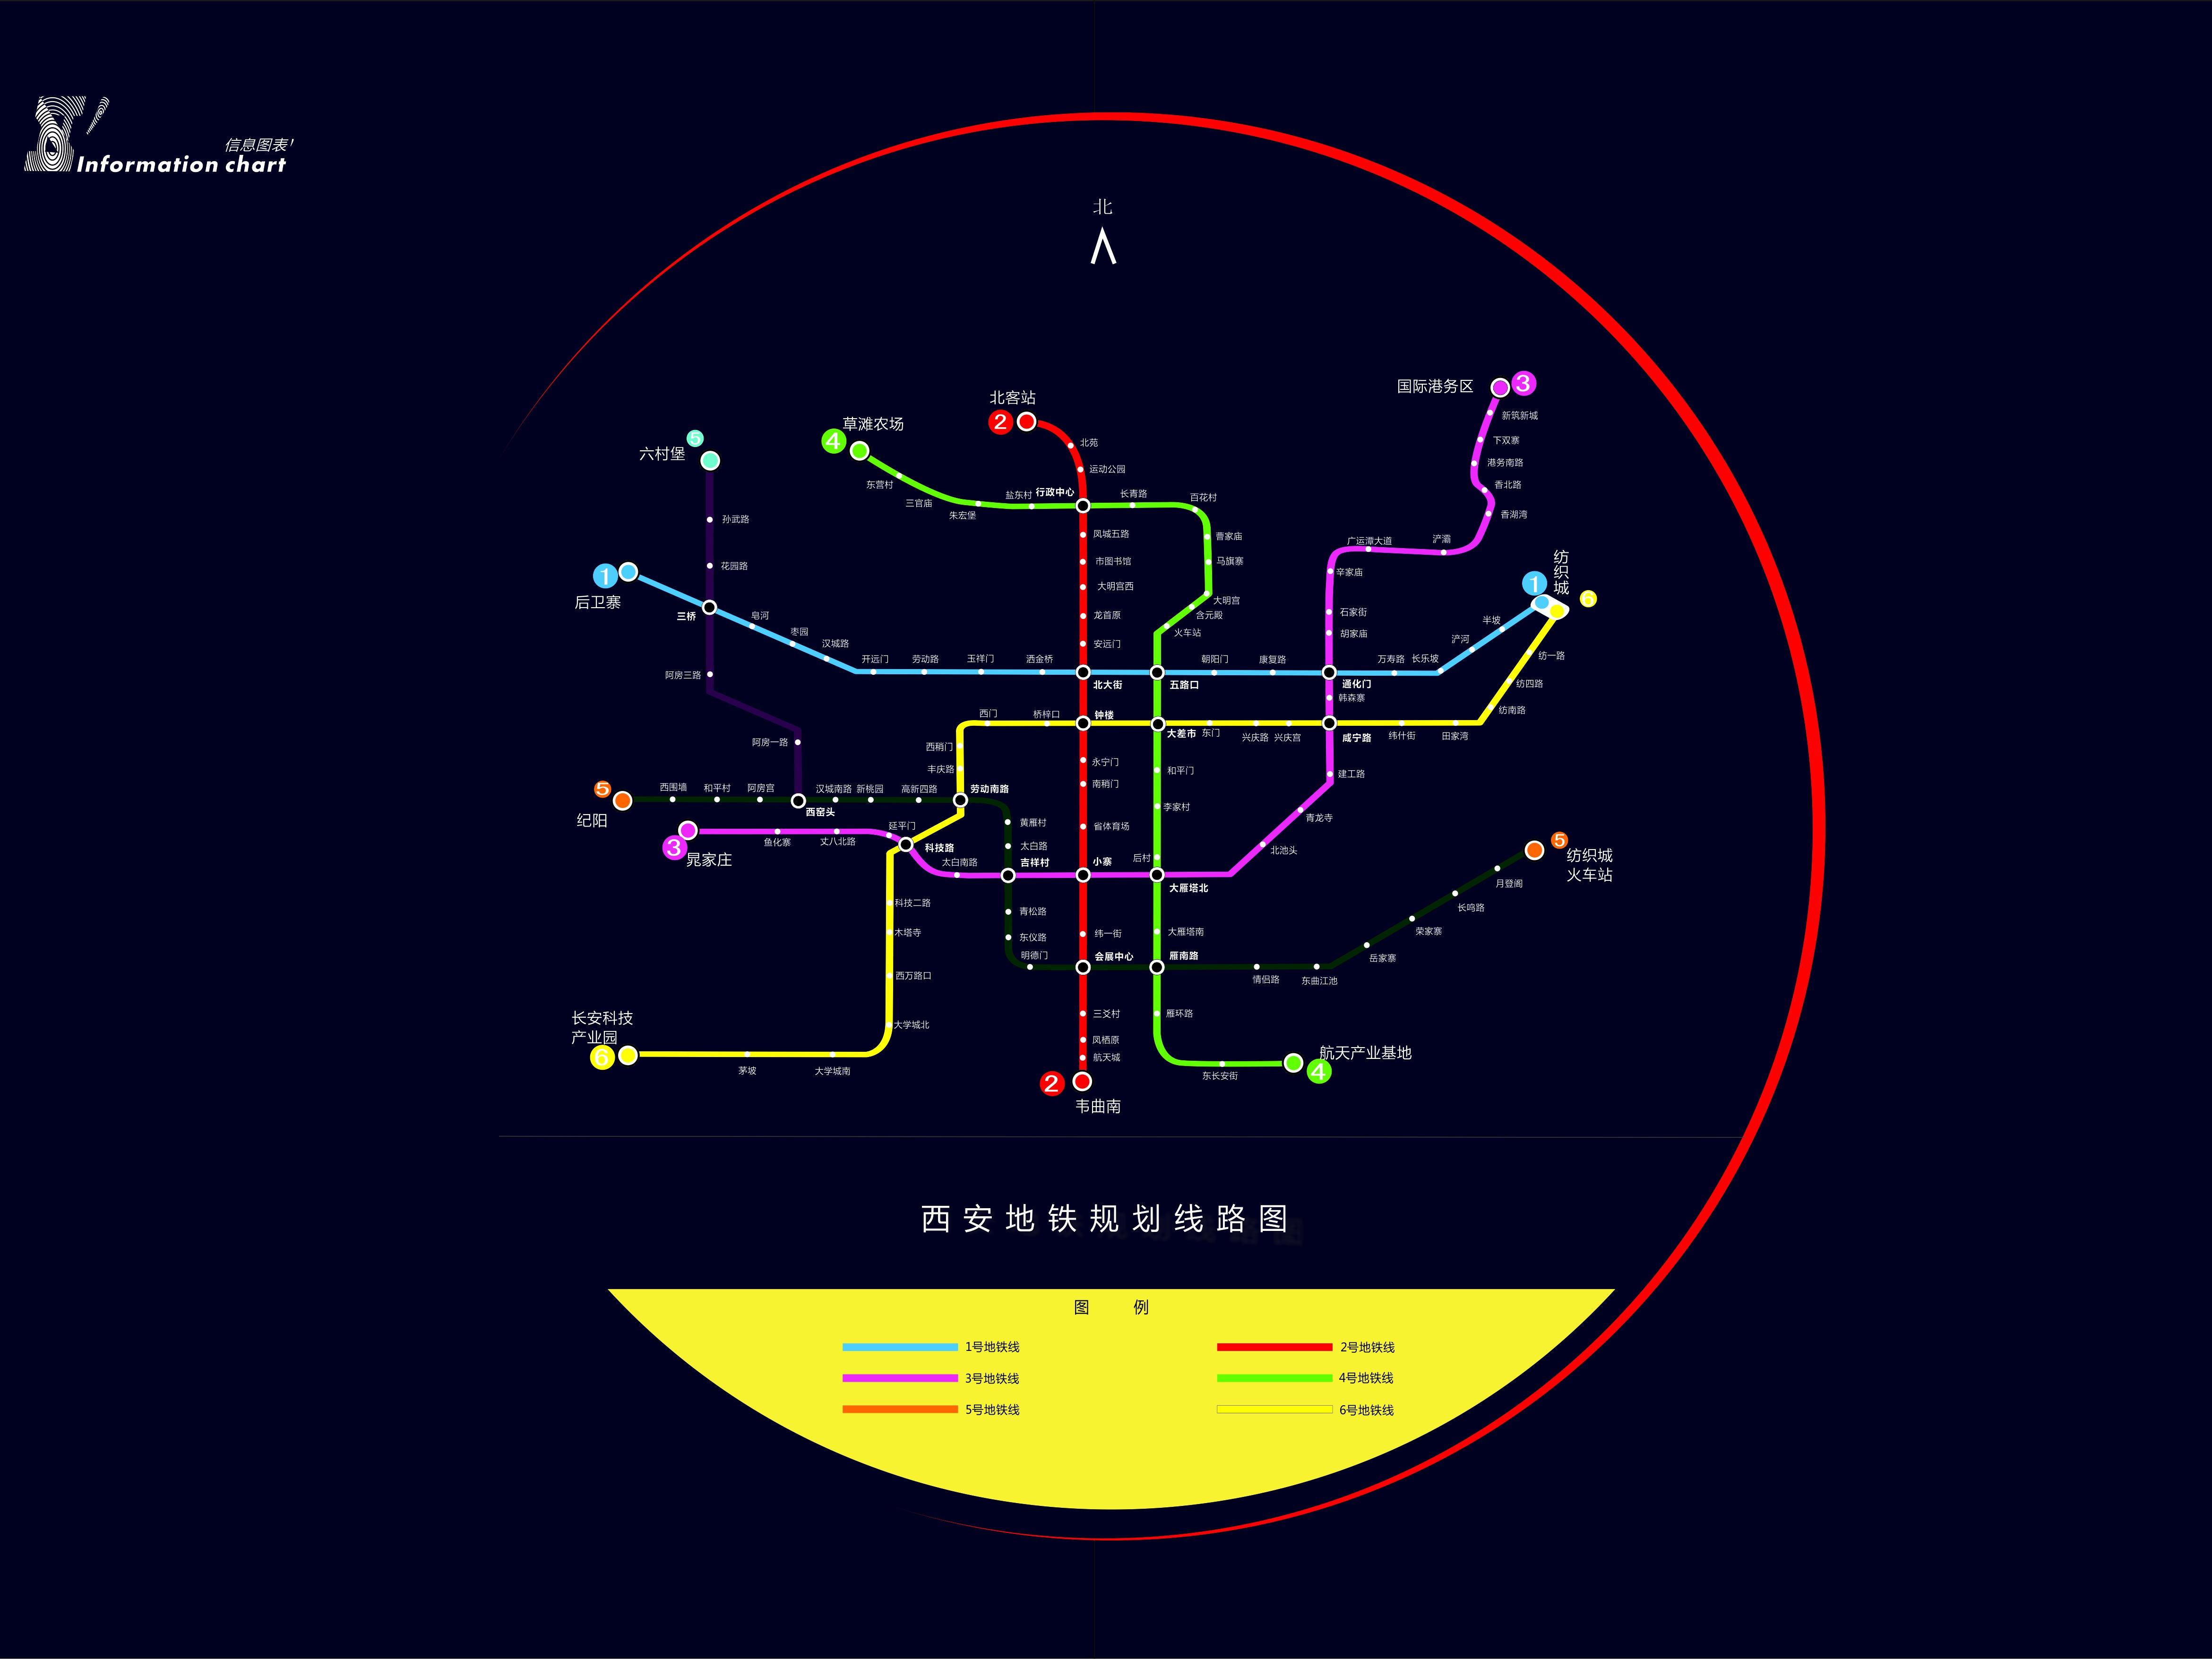 西安地铁规划信息图表设计及宣传推广图片